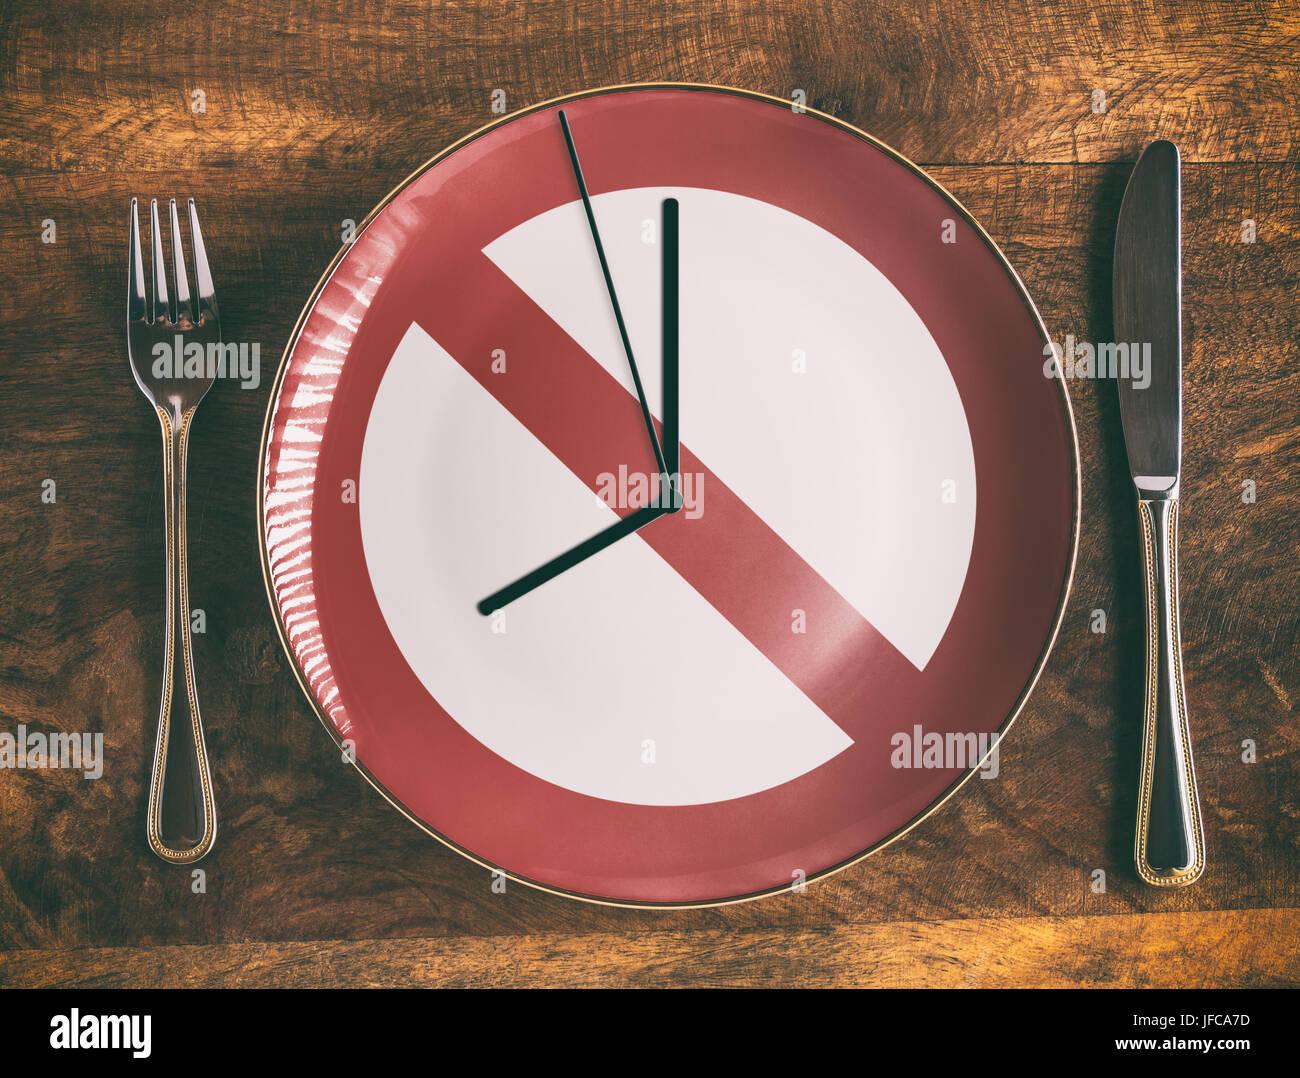 Saltarse el desayuno concepto con ningún símbolo y reloj en la placa Imagen De Stock